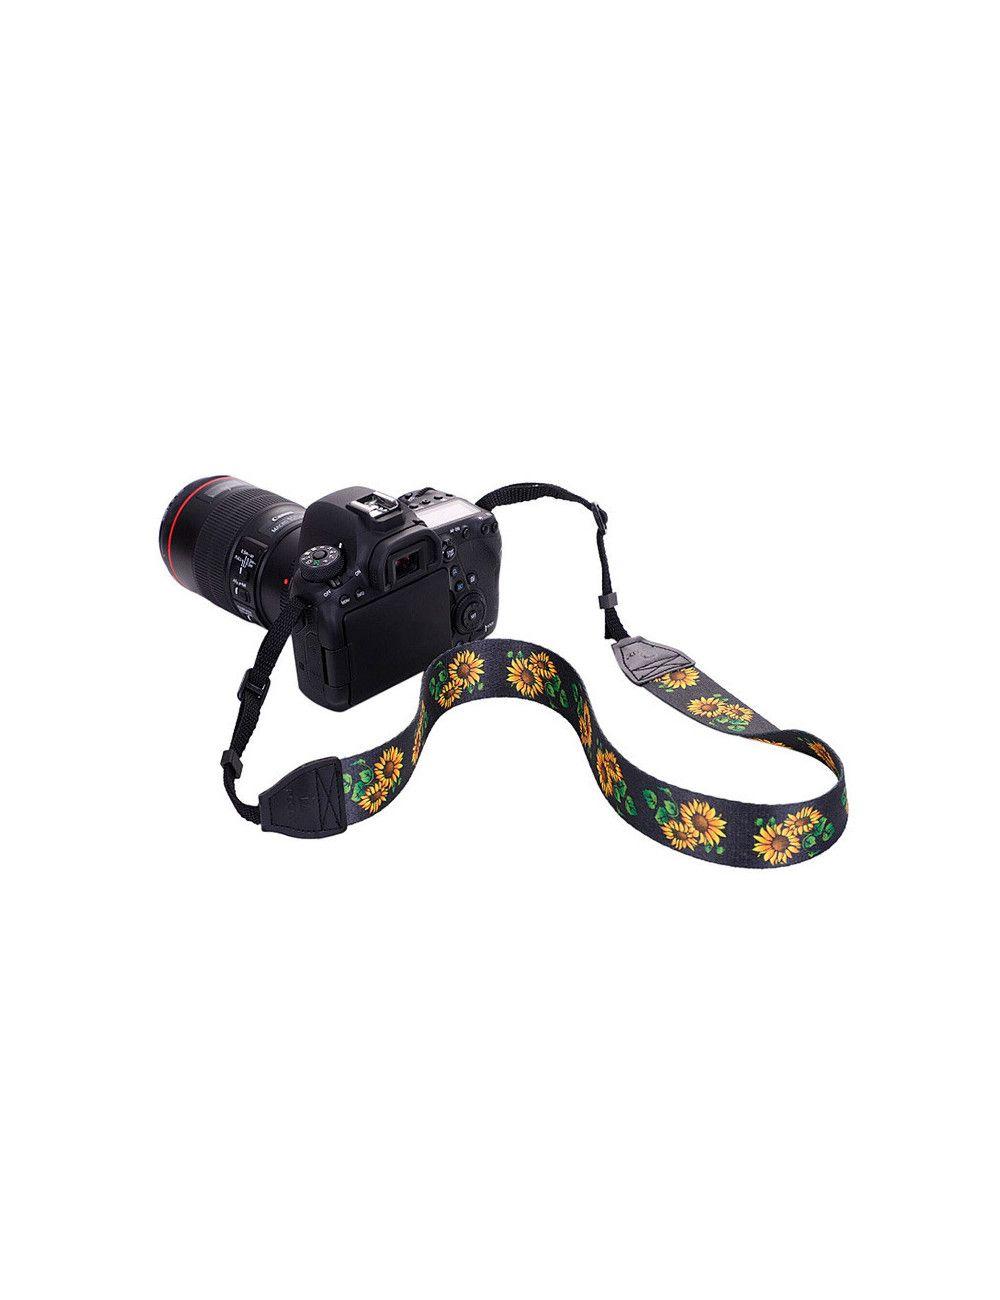 Lente Sigma 85mm para Canon F1.4 EX DG HSM   en Chile   www.apertura.cl